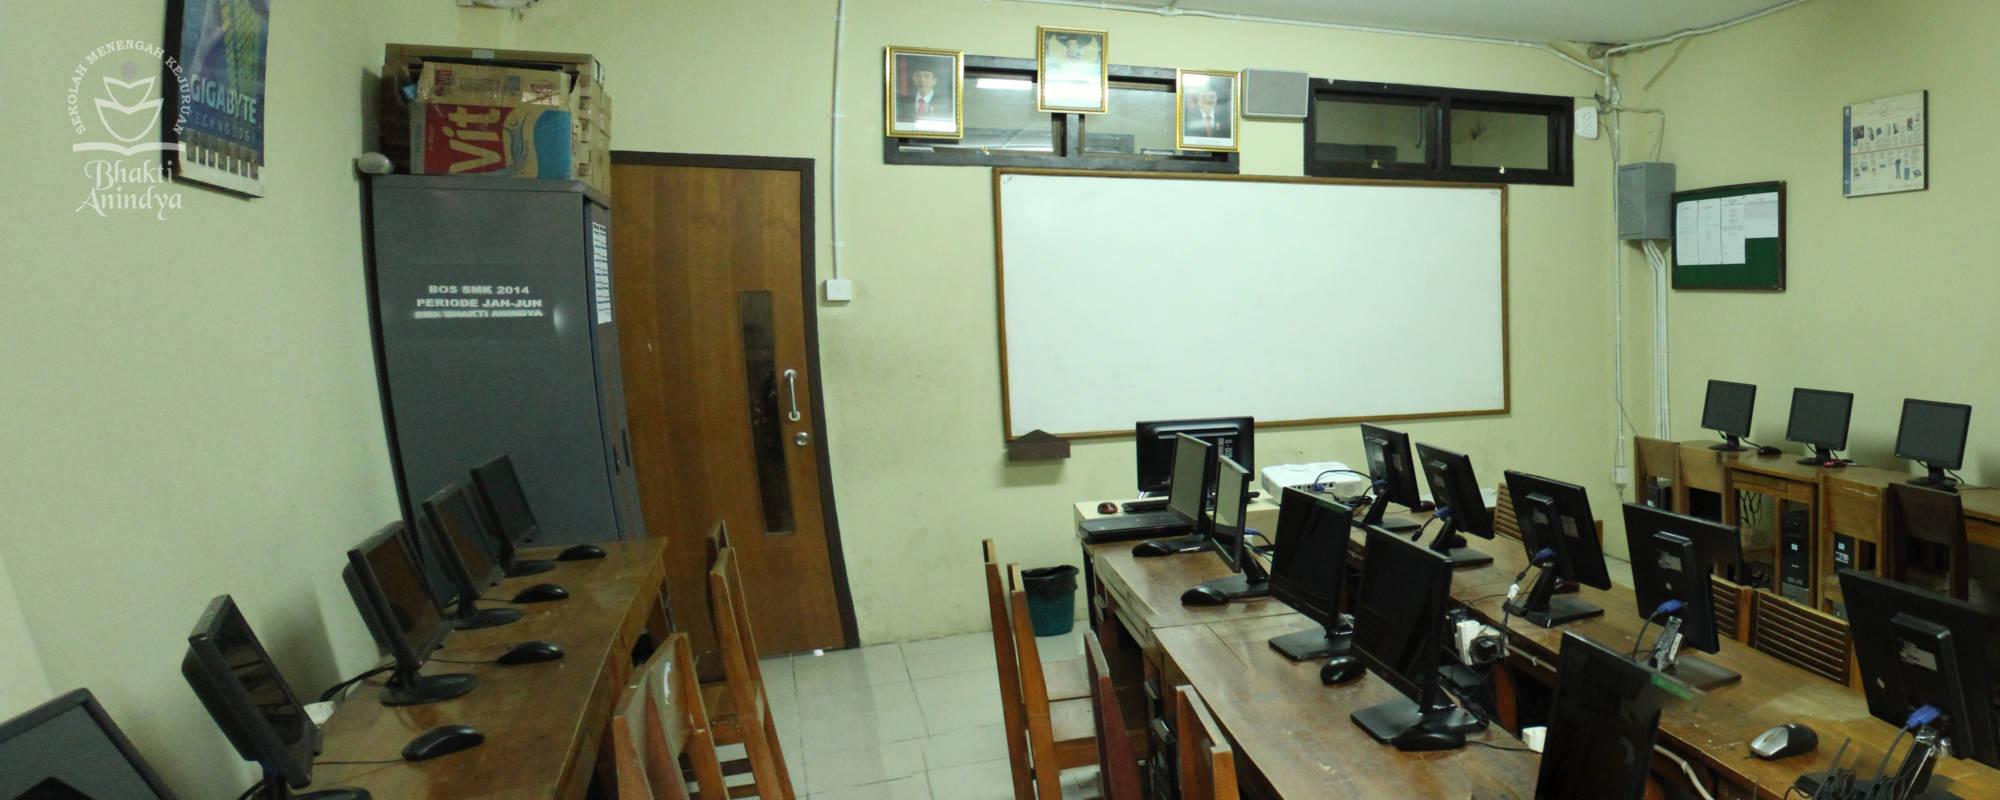 Lab Komputer SMK Bhakti Anindya Tangerang